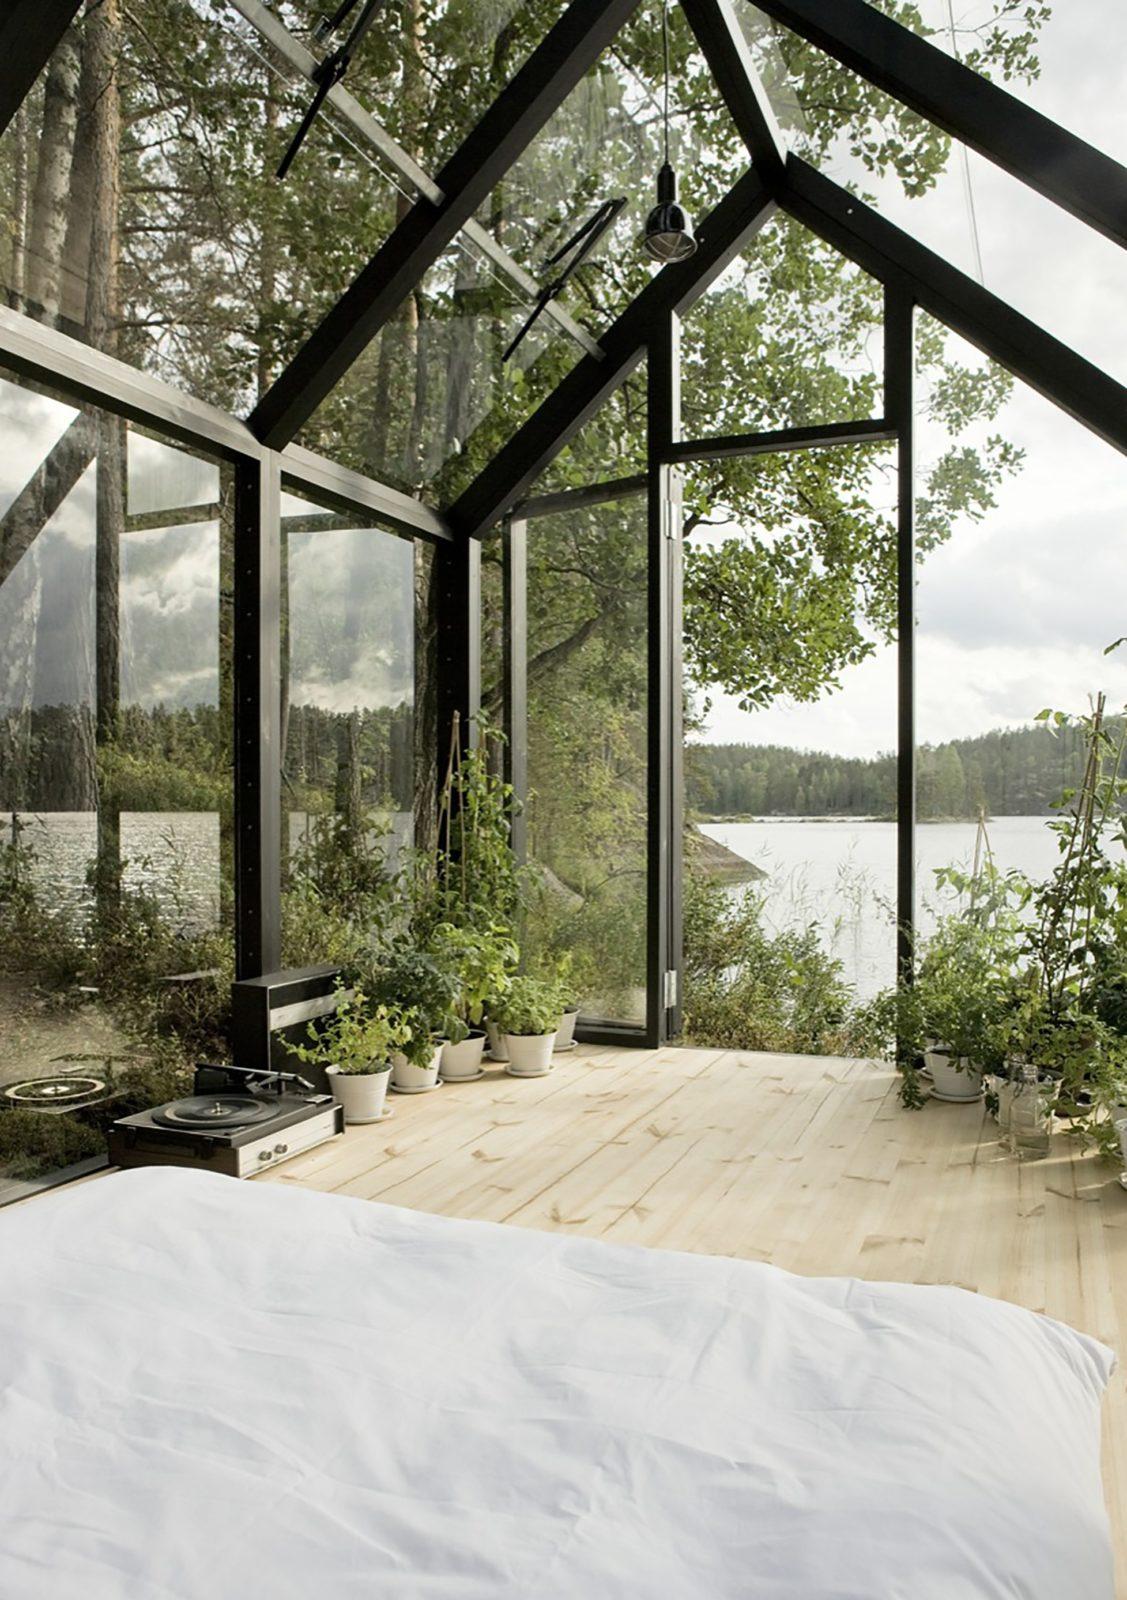 Необычная теплица на берегу озера. Внутри уютная спальня!